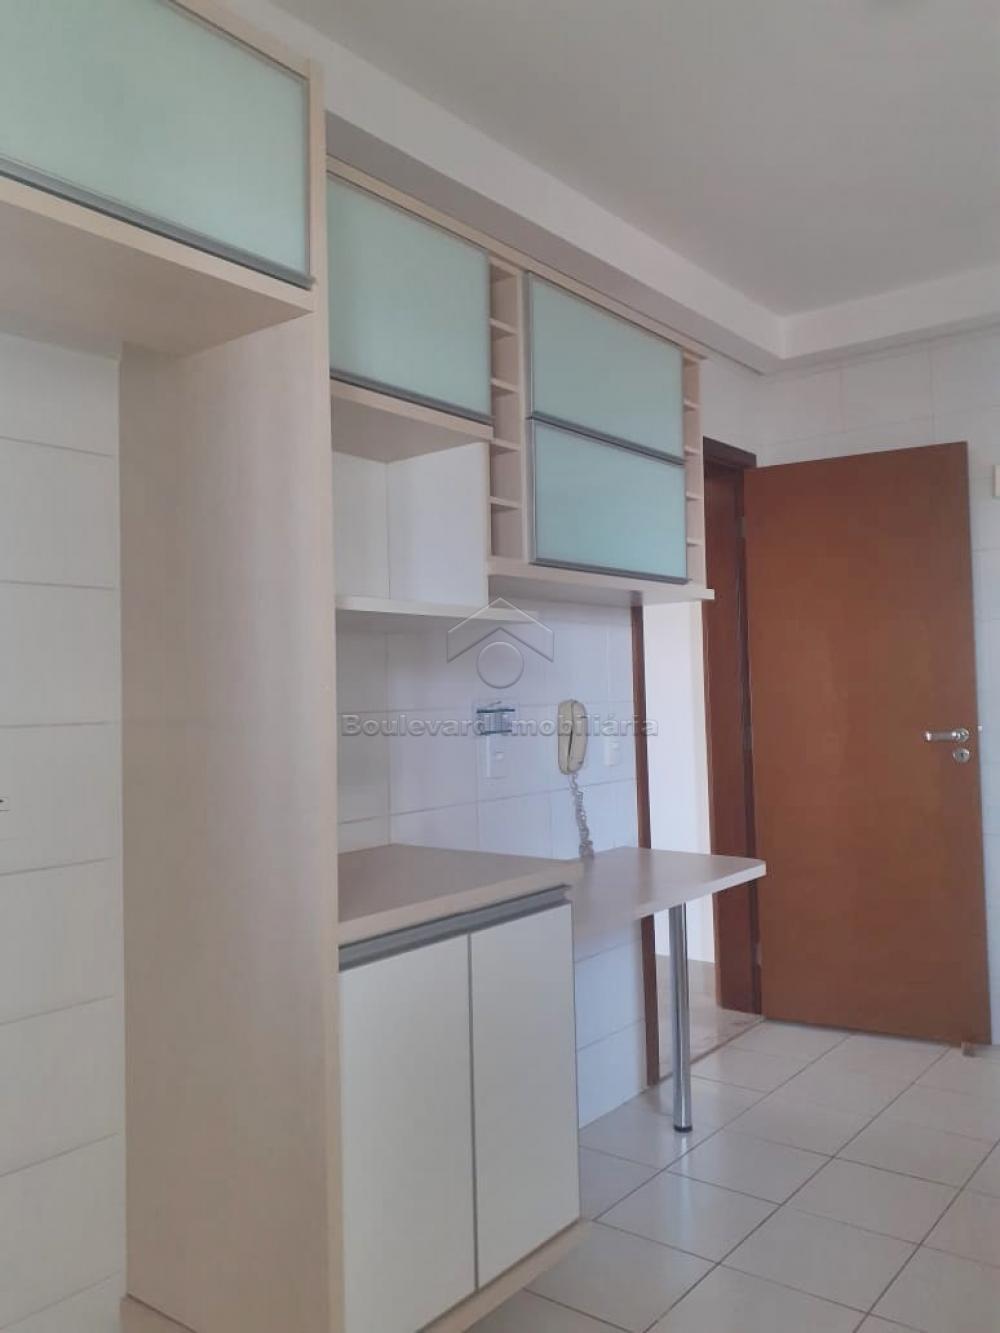 Alugar Apartamento / Padrão em Ribeirão Preto R$ 2.000,00 - Foto 29